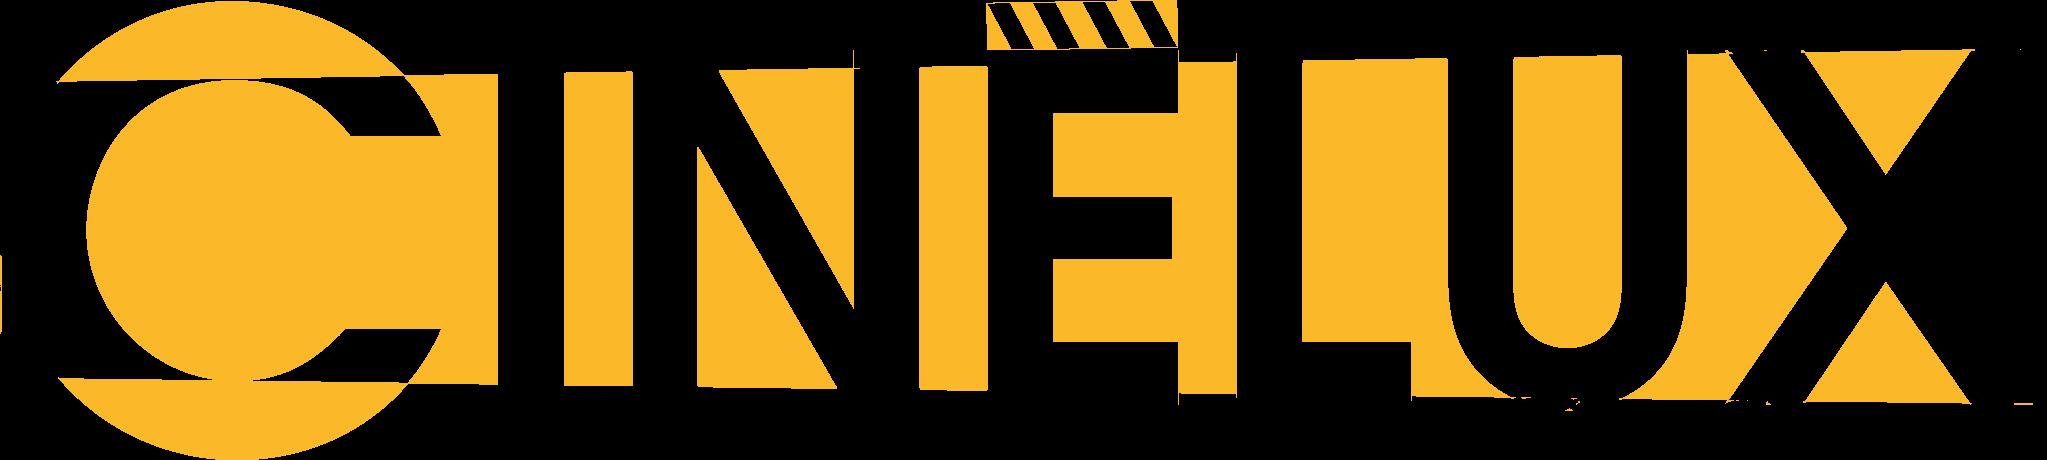 cinelux-logo_2016.yt